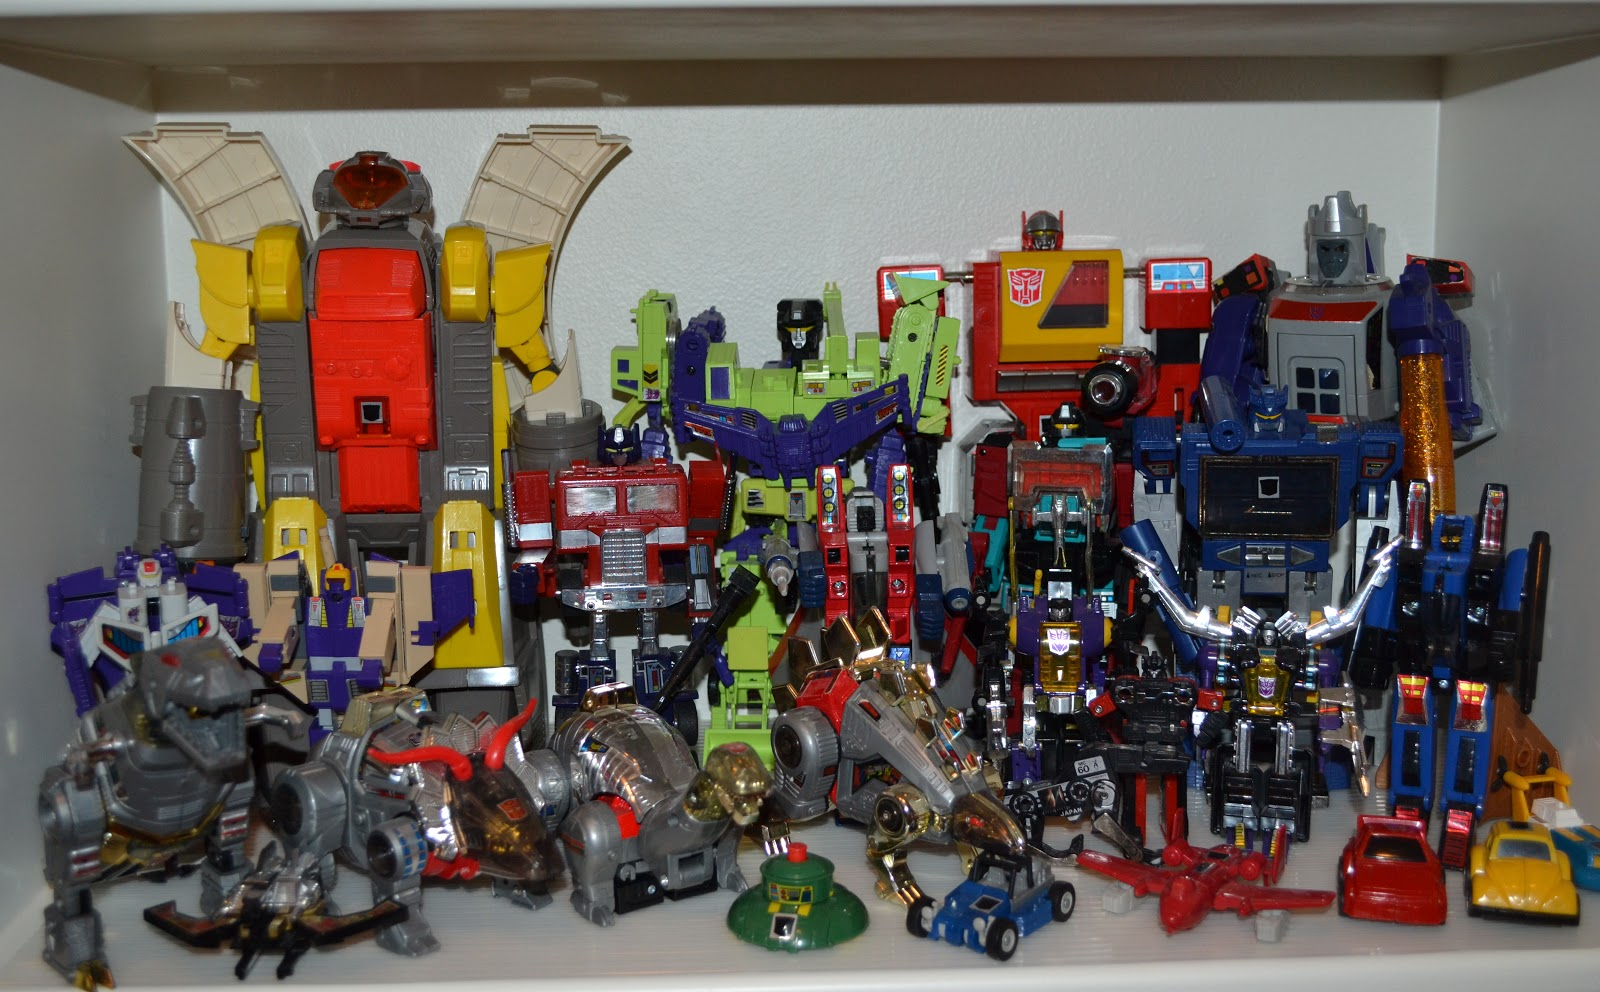 Vintage Transformer Toy Images 9